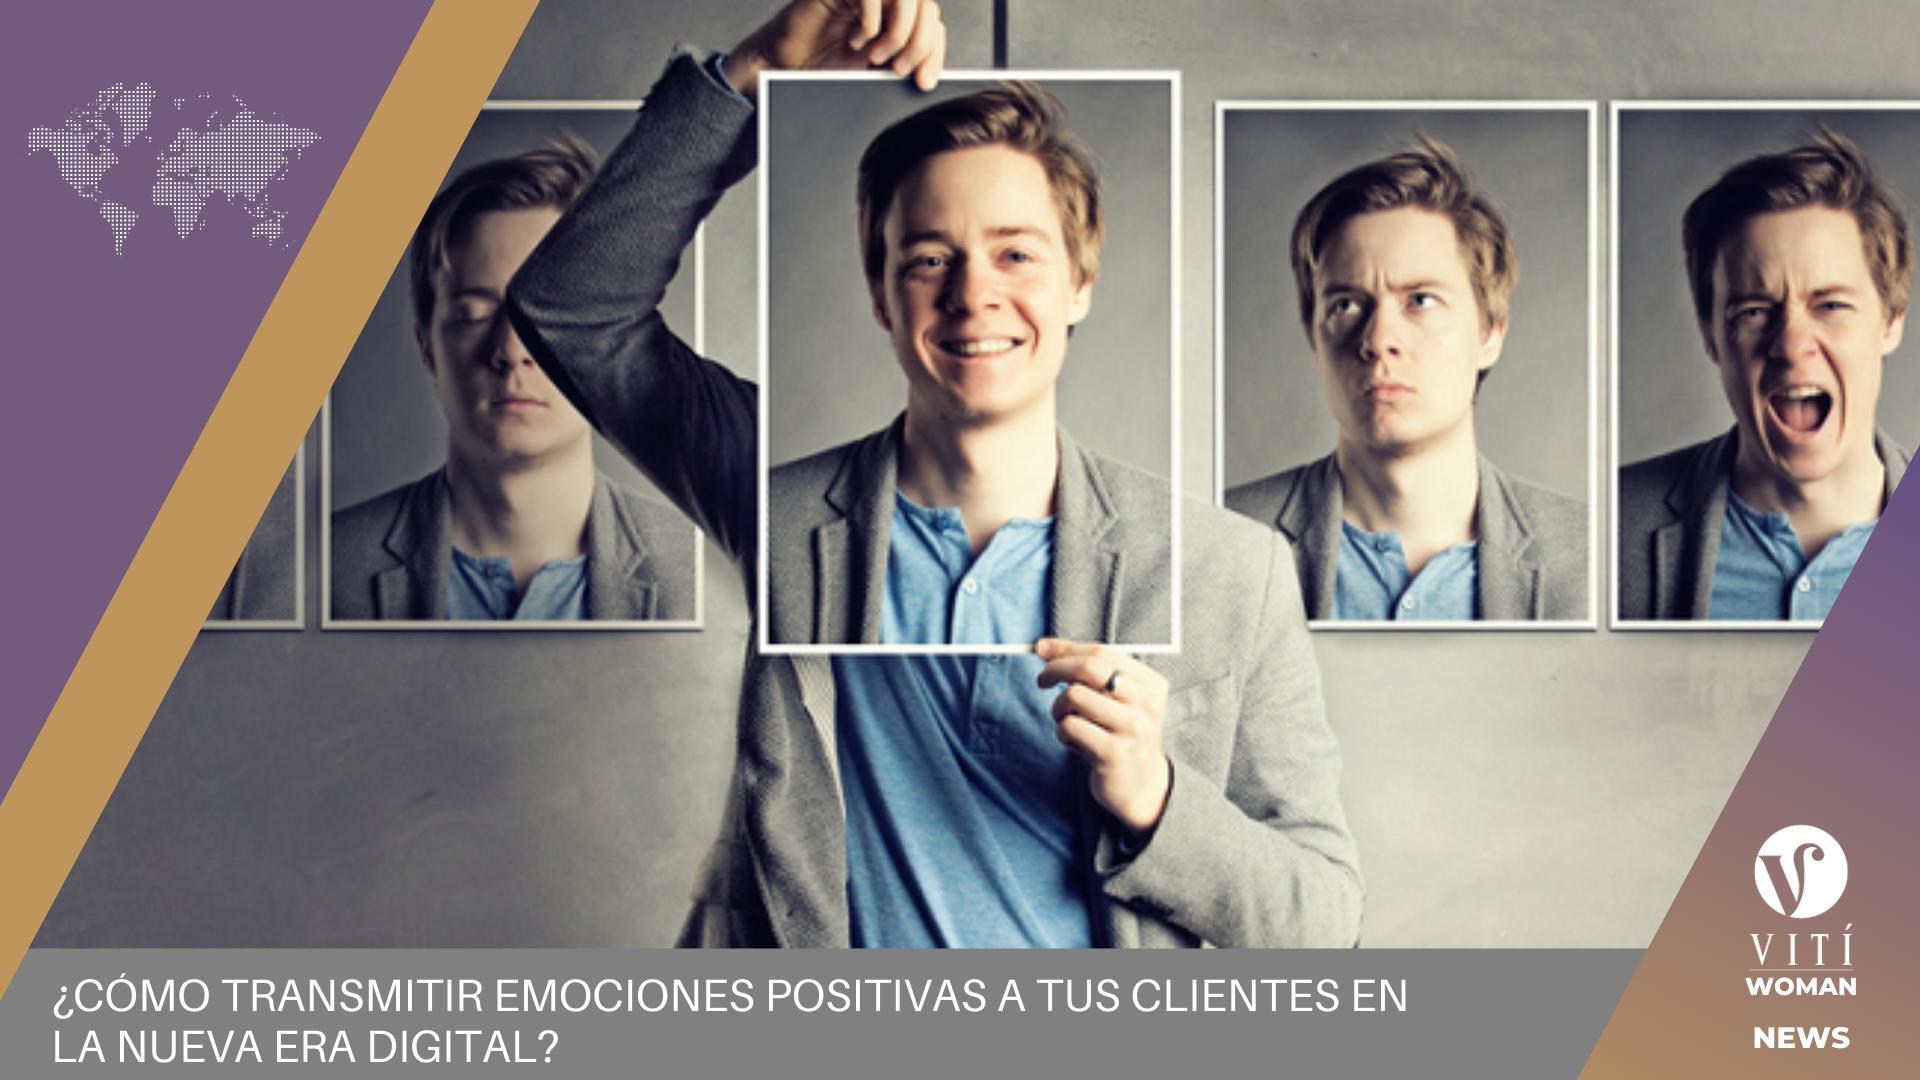 Transmitir Emociones Positivas